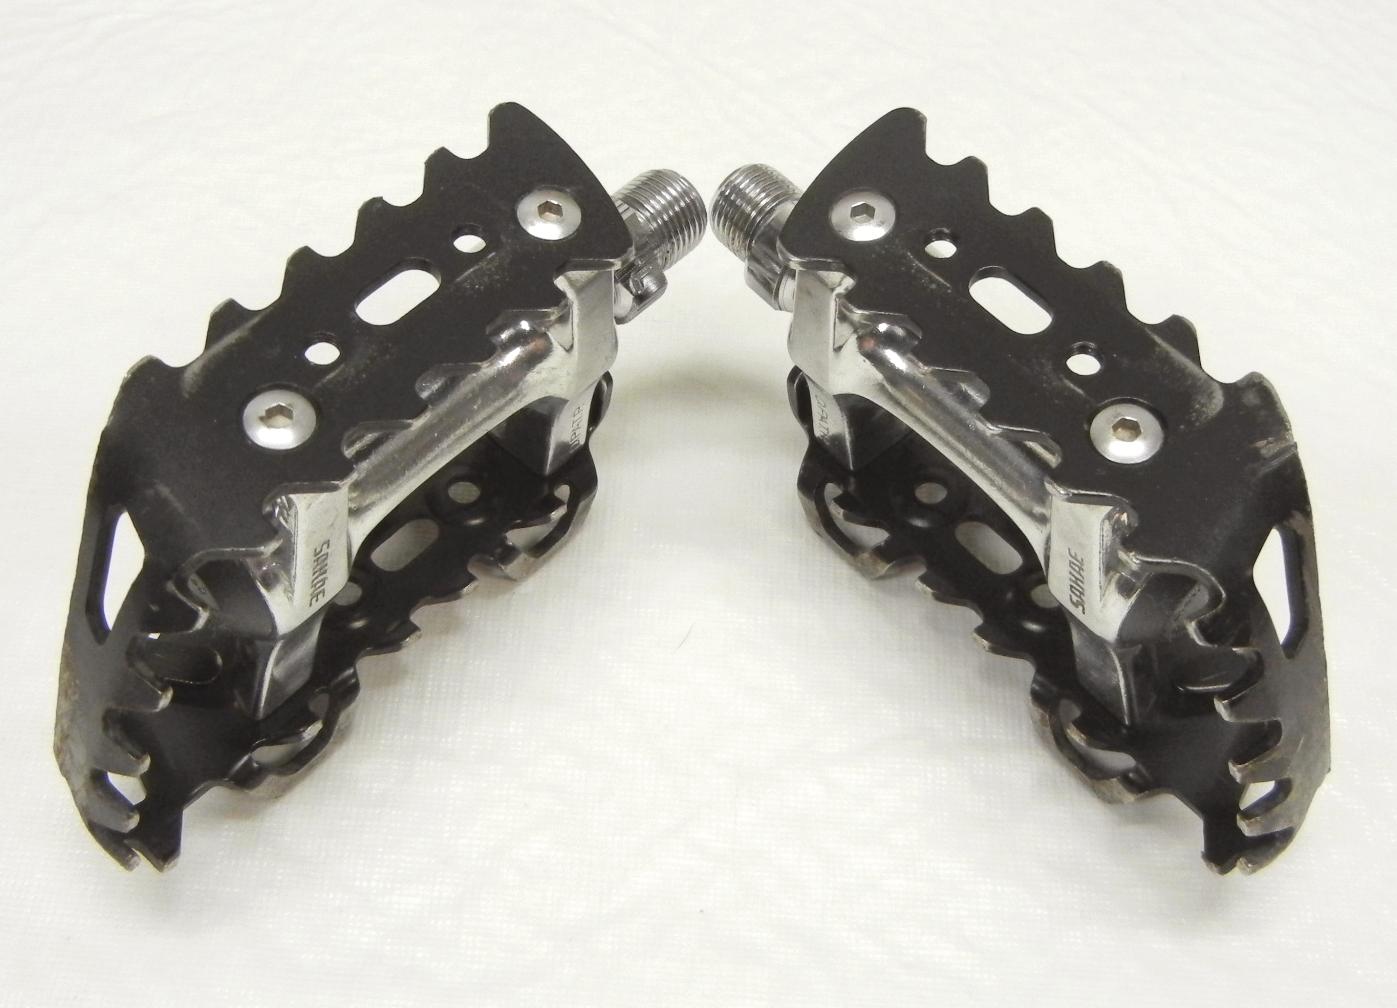 http://uploads.bmxmuseum.com/user-images/17782/tioga-mtb-pedals...456ae891537.jpg